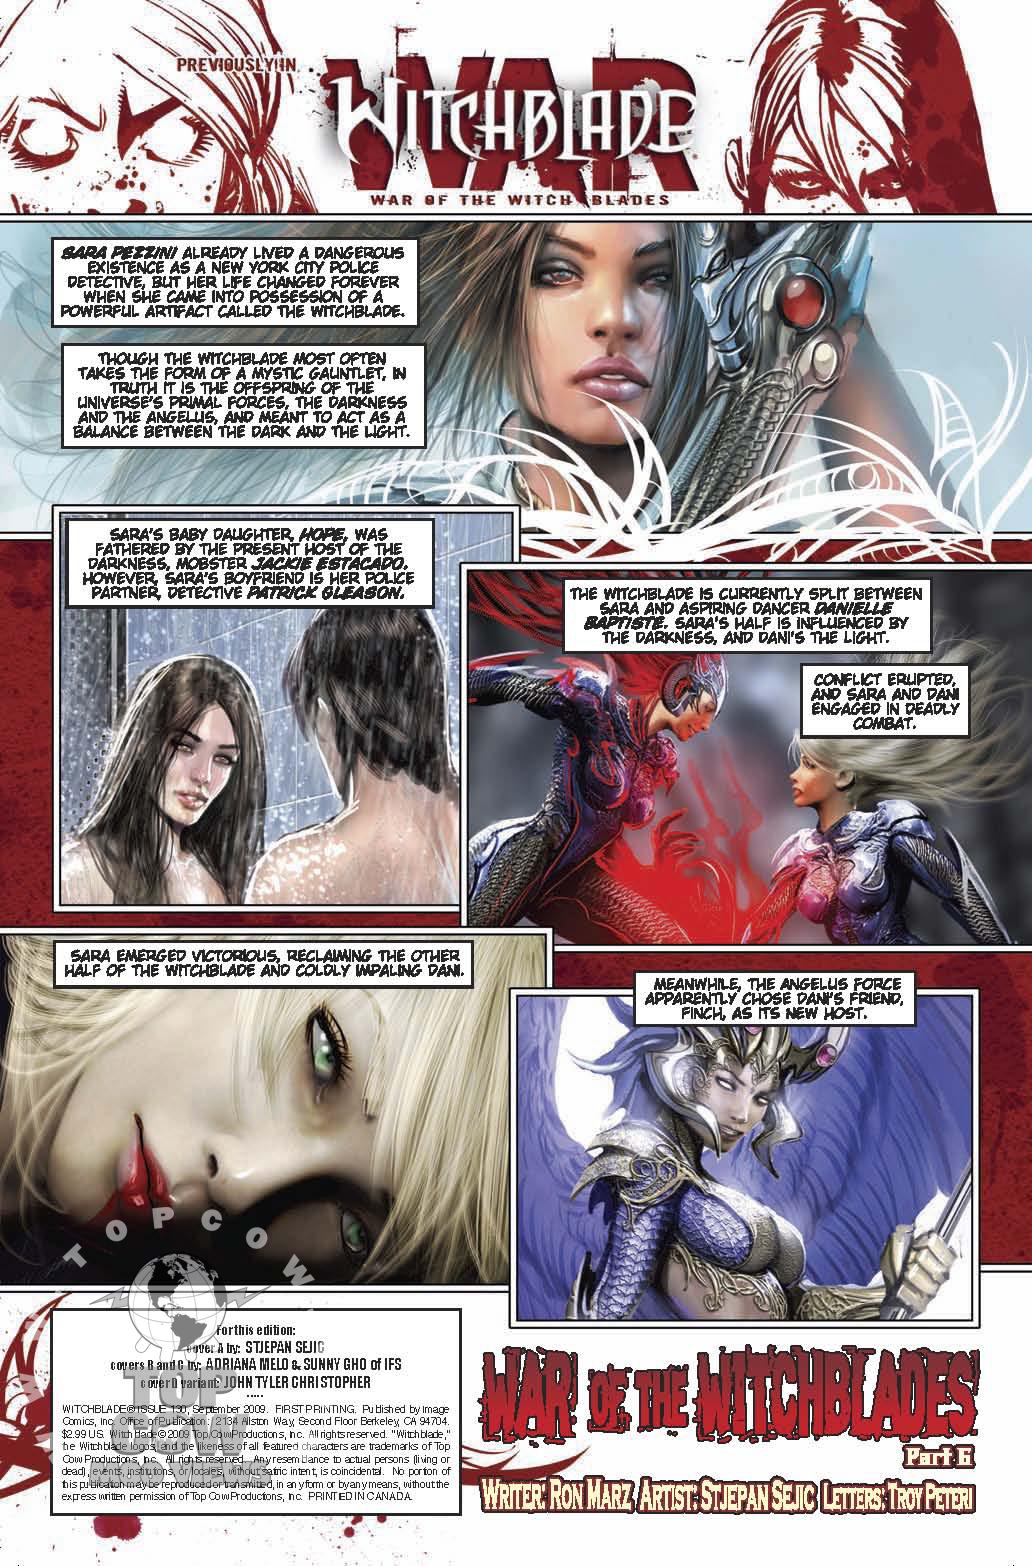 WB130 recap